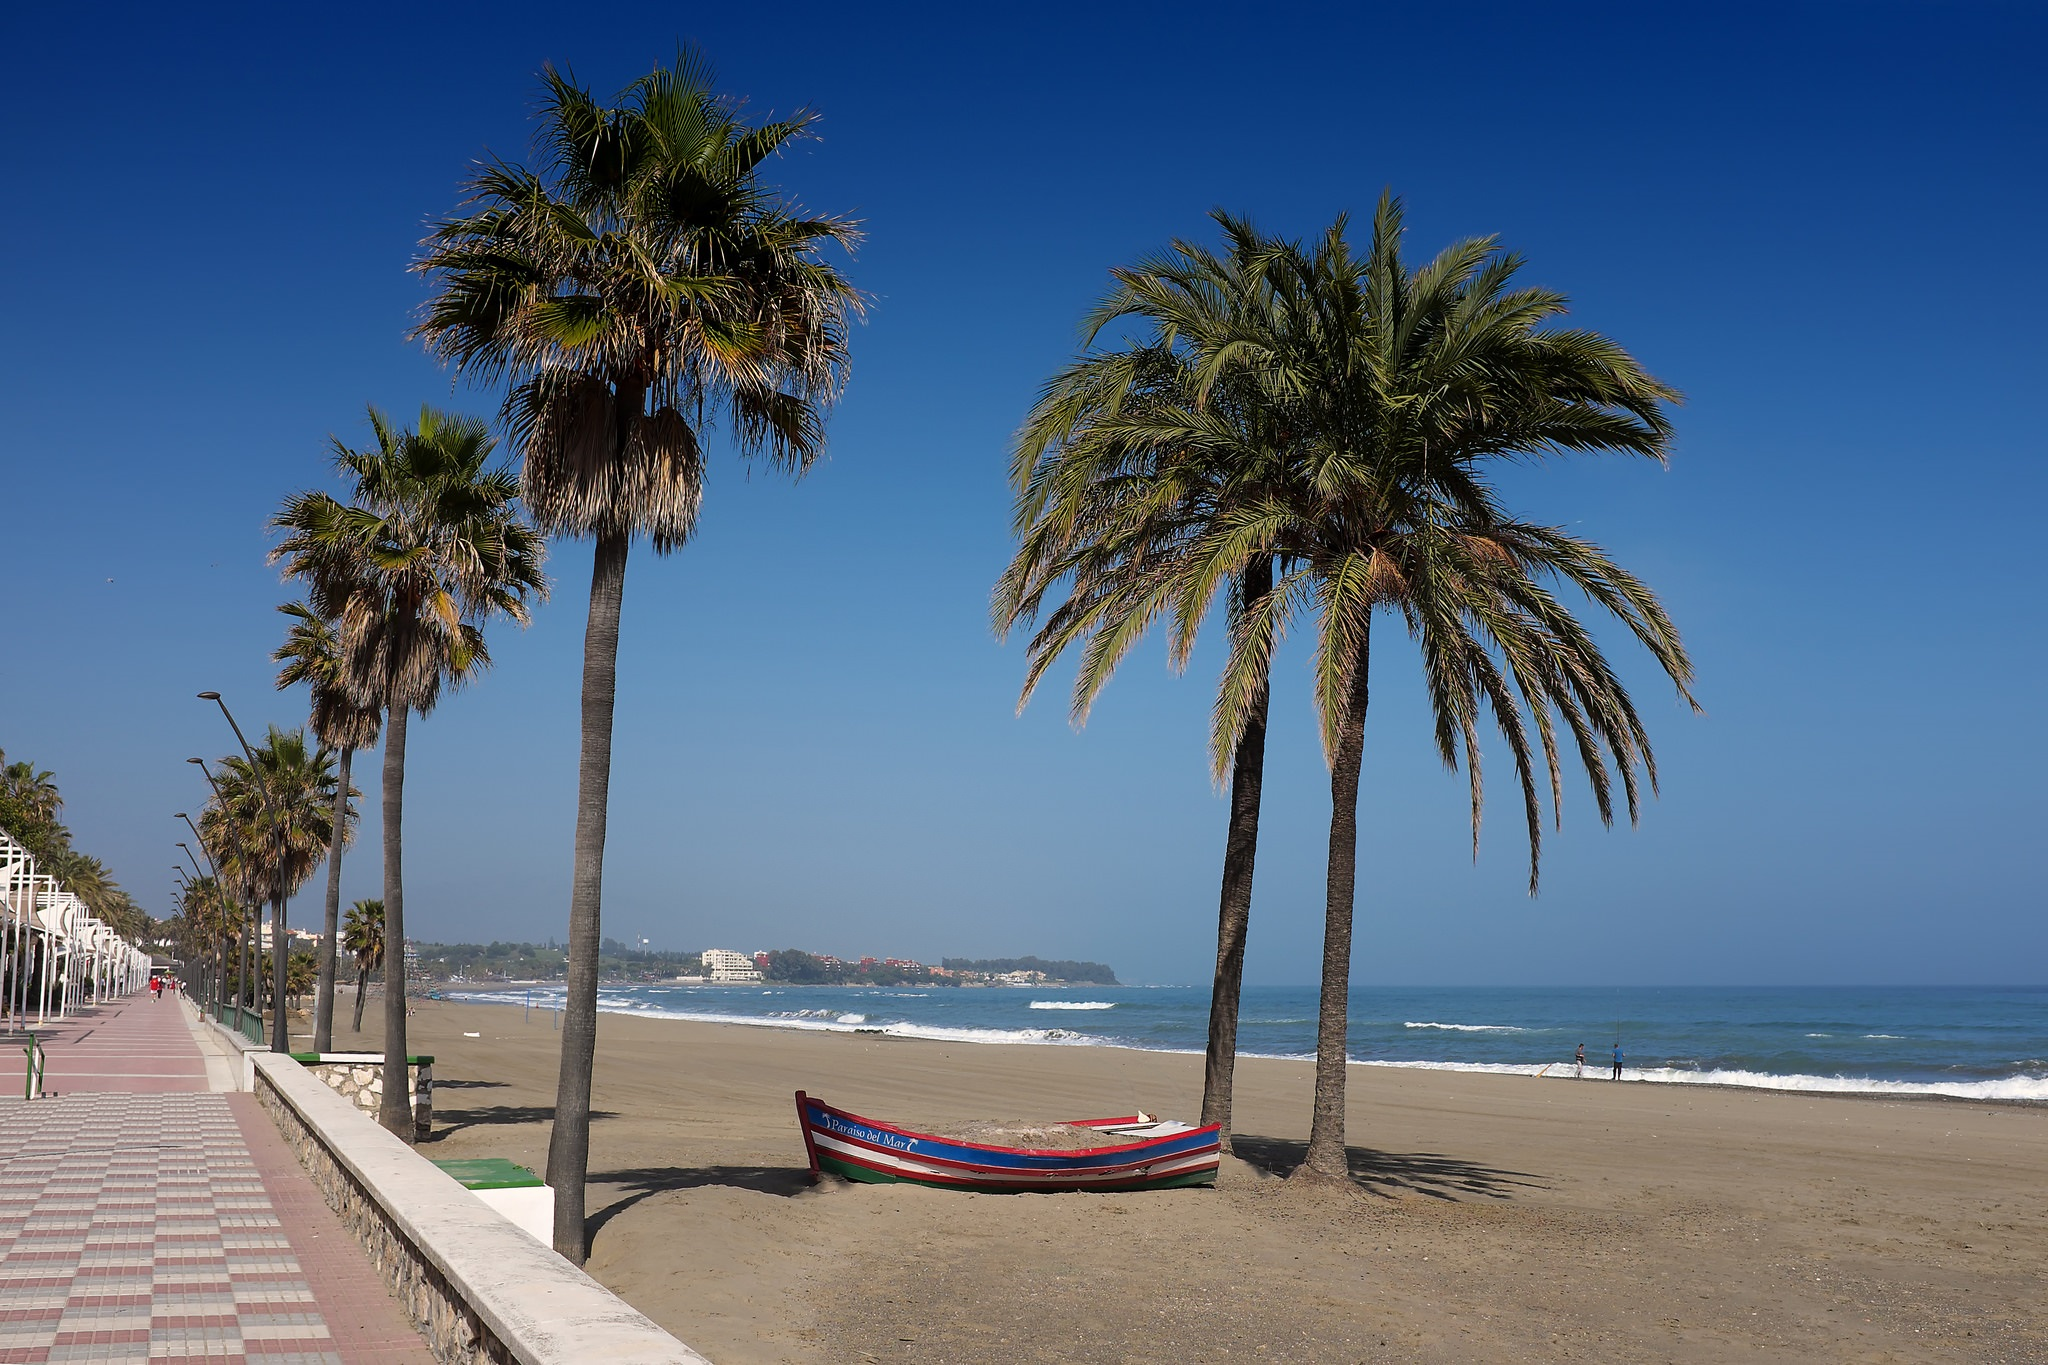 Estepona beach